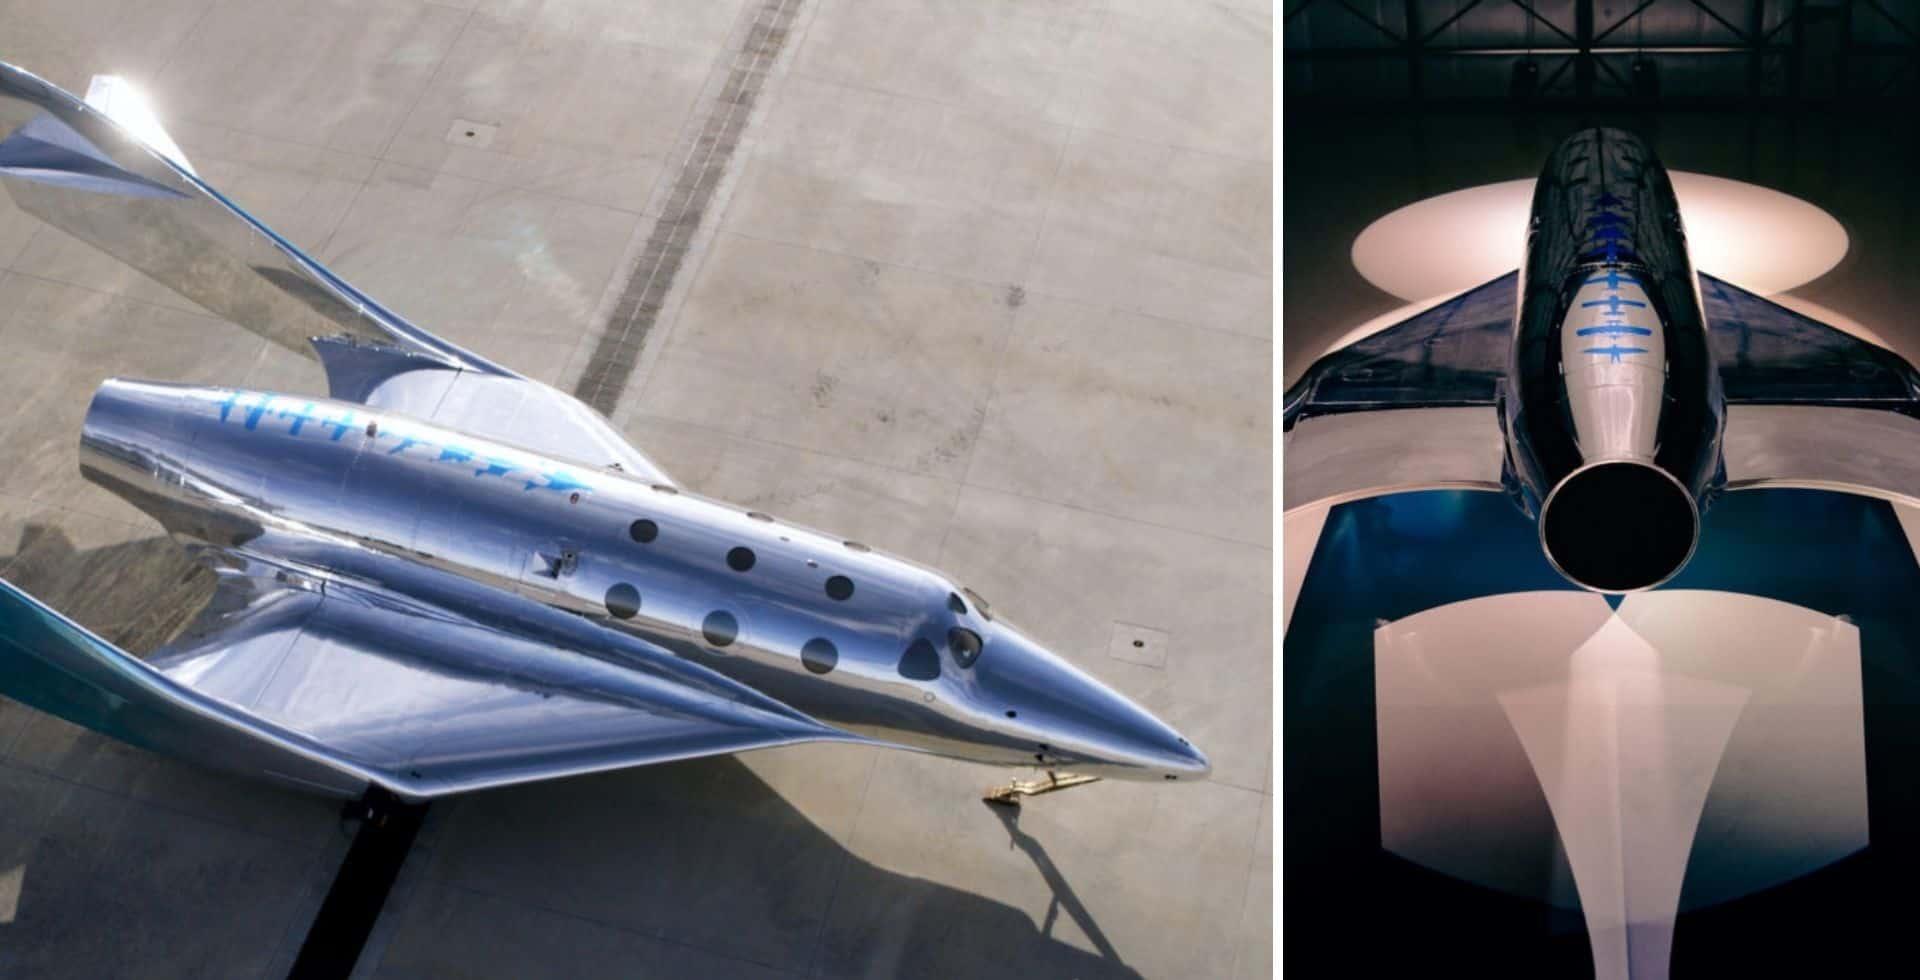 Virgin Galactic presentó el primer modelo de la nueva generación de naves espaciales